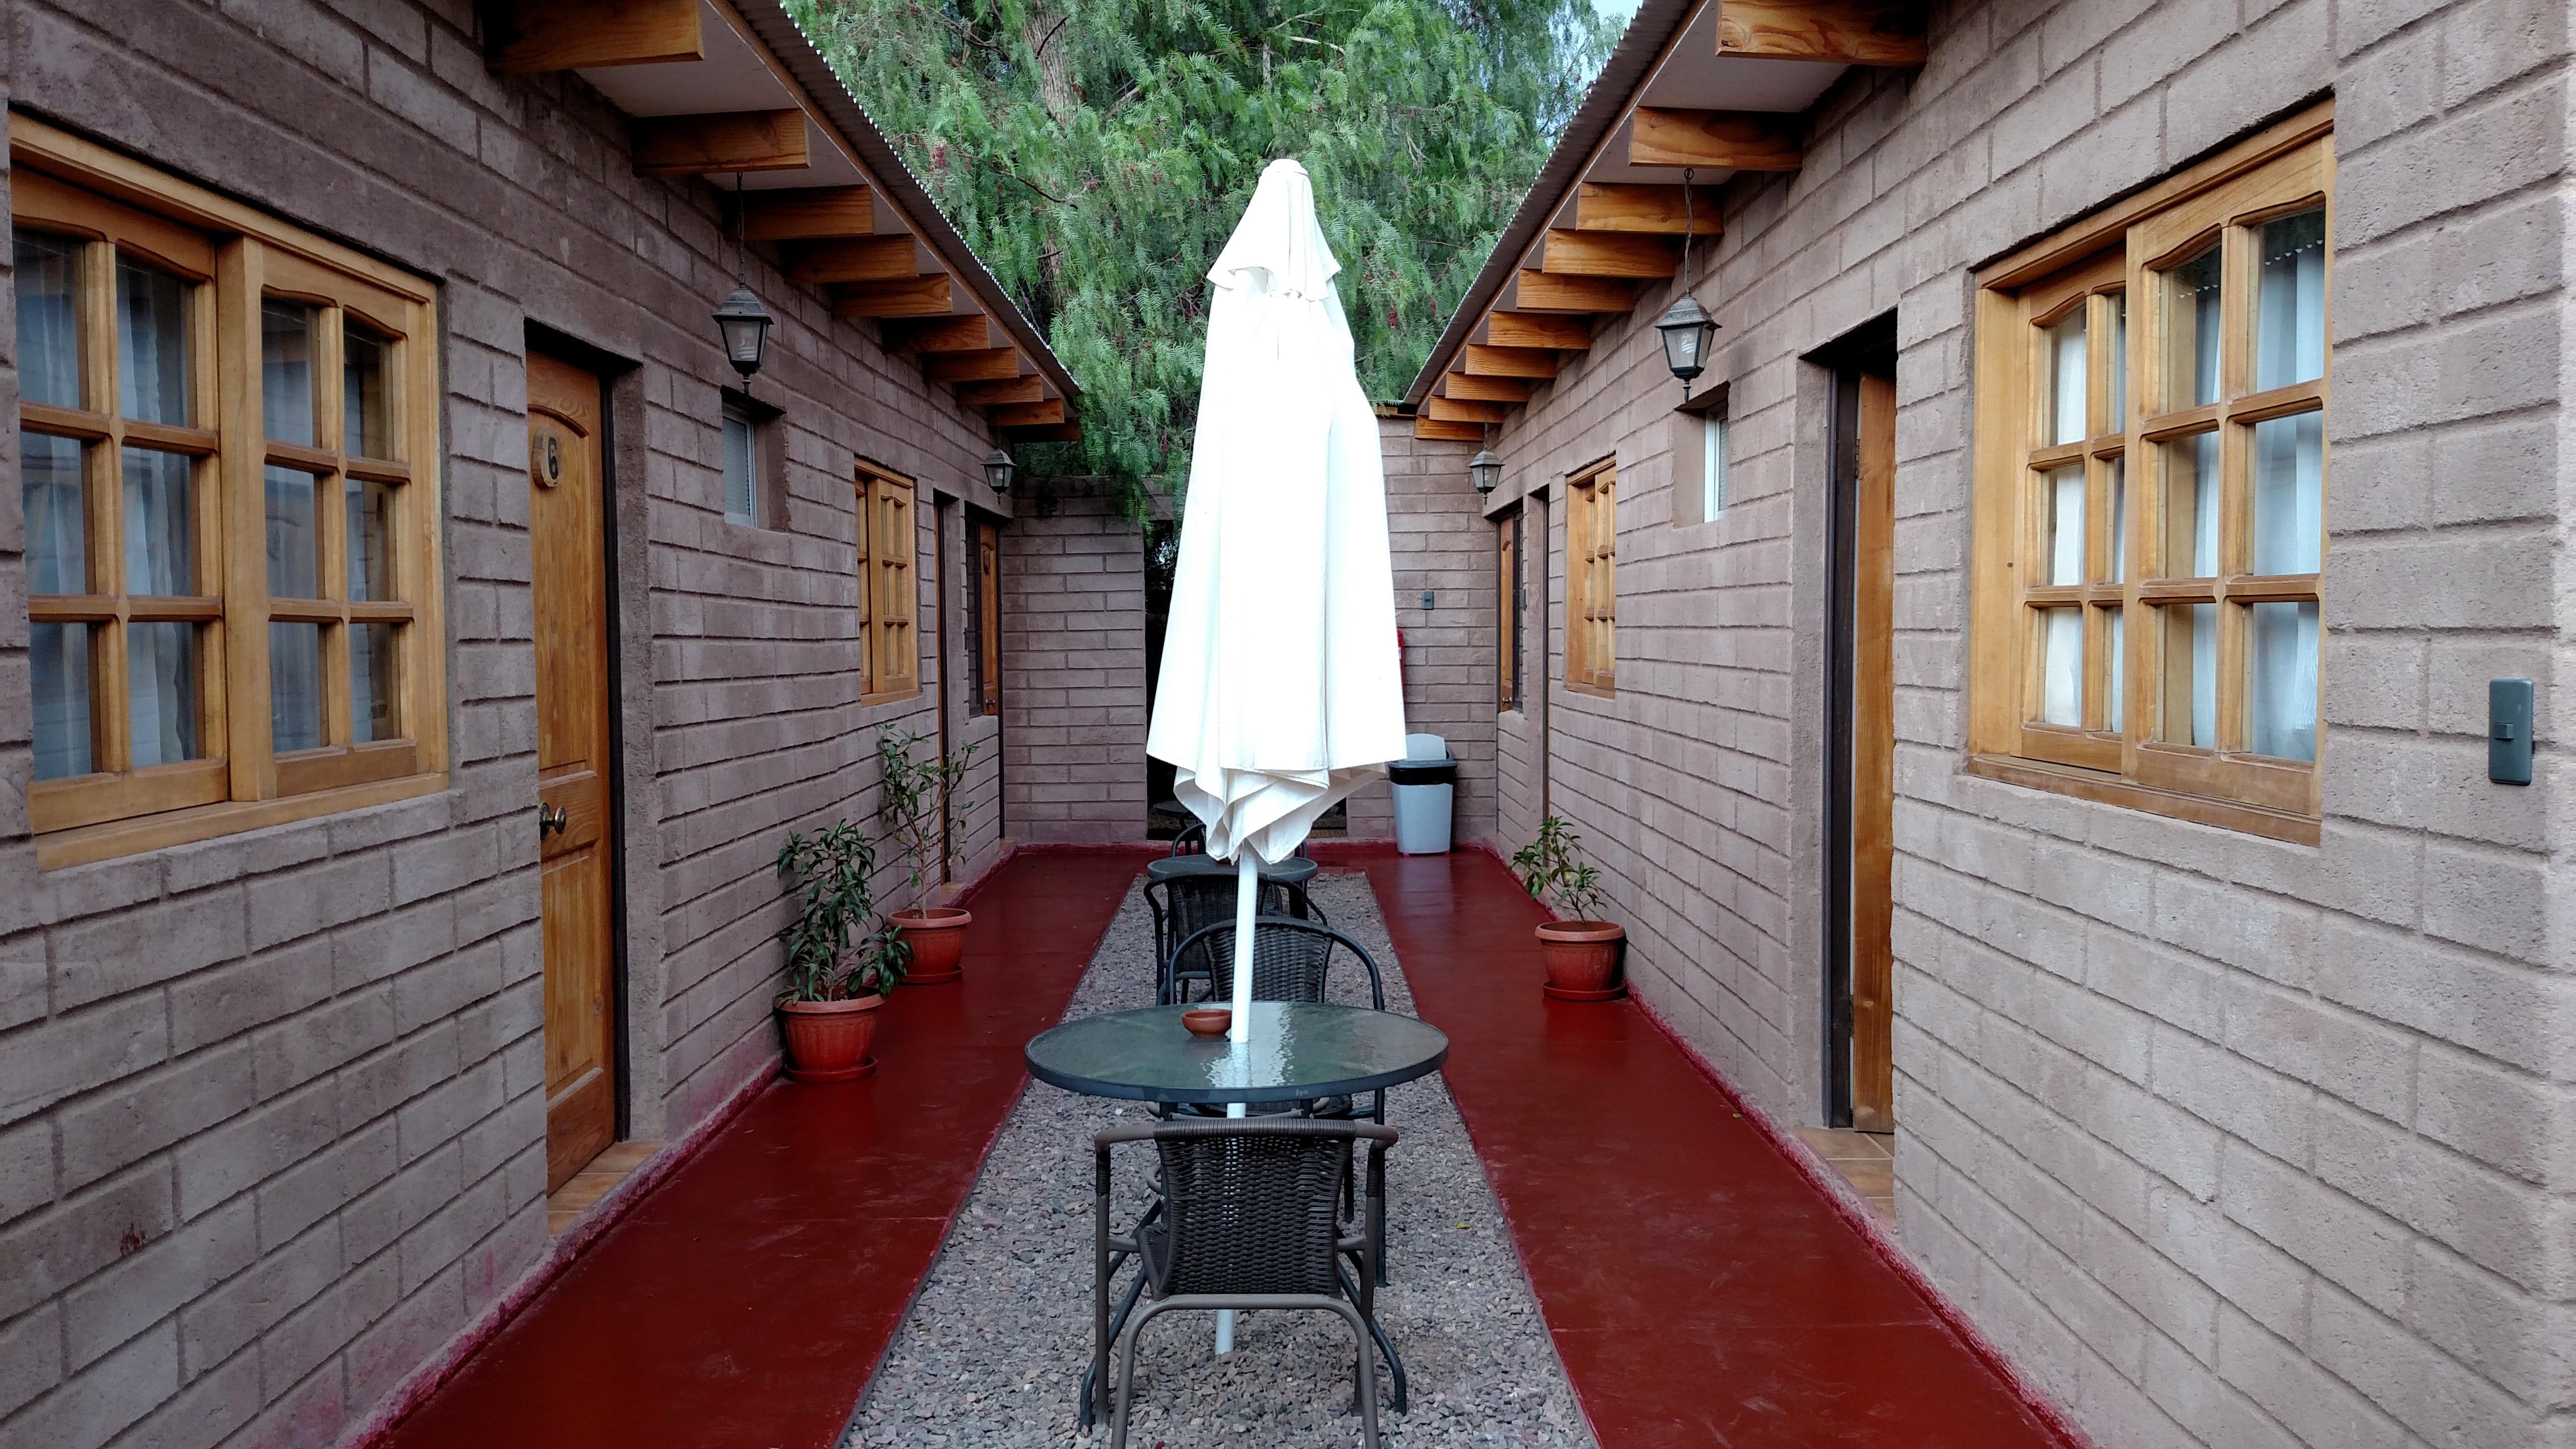 Passo a passo: como escolher o melhor hostel pra você